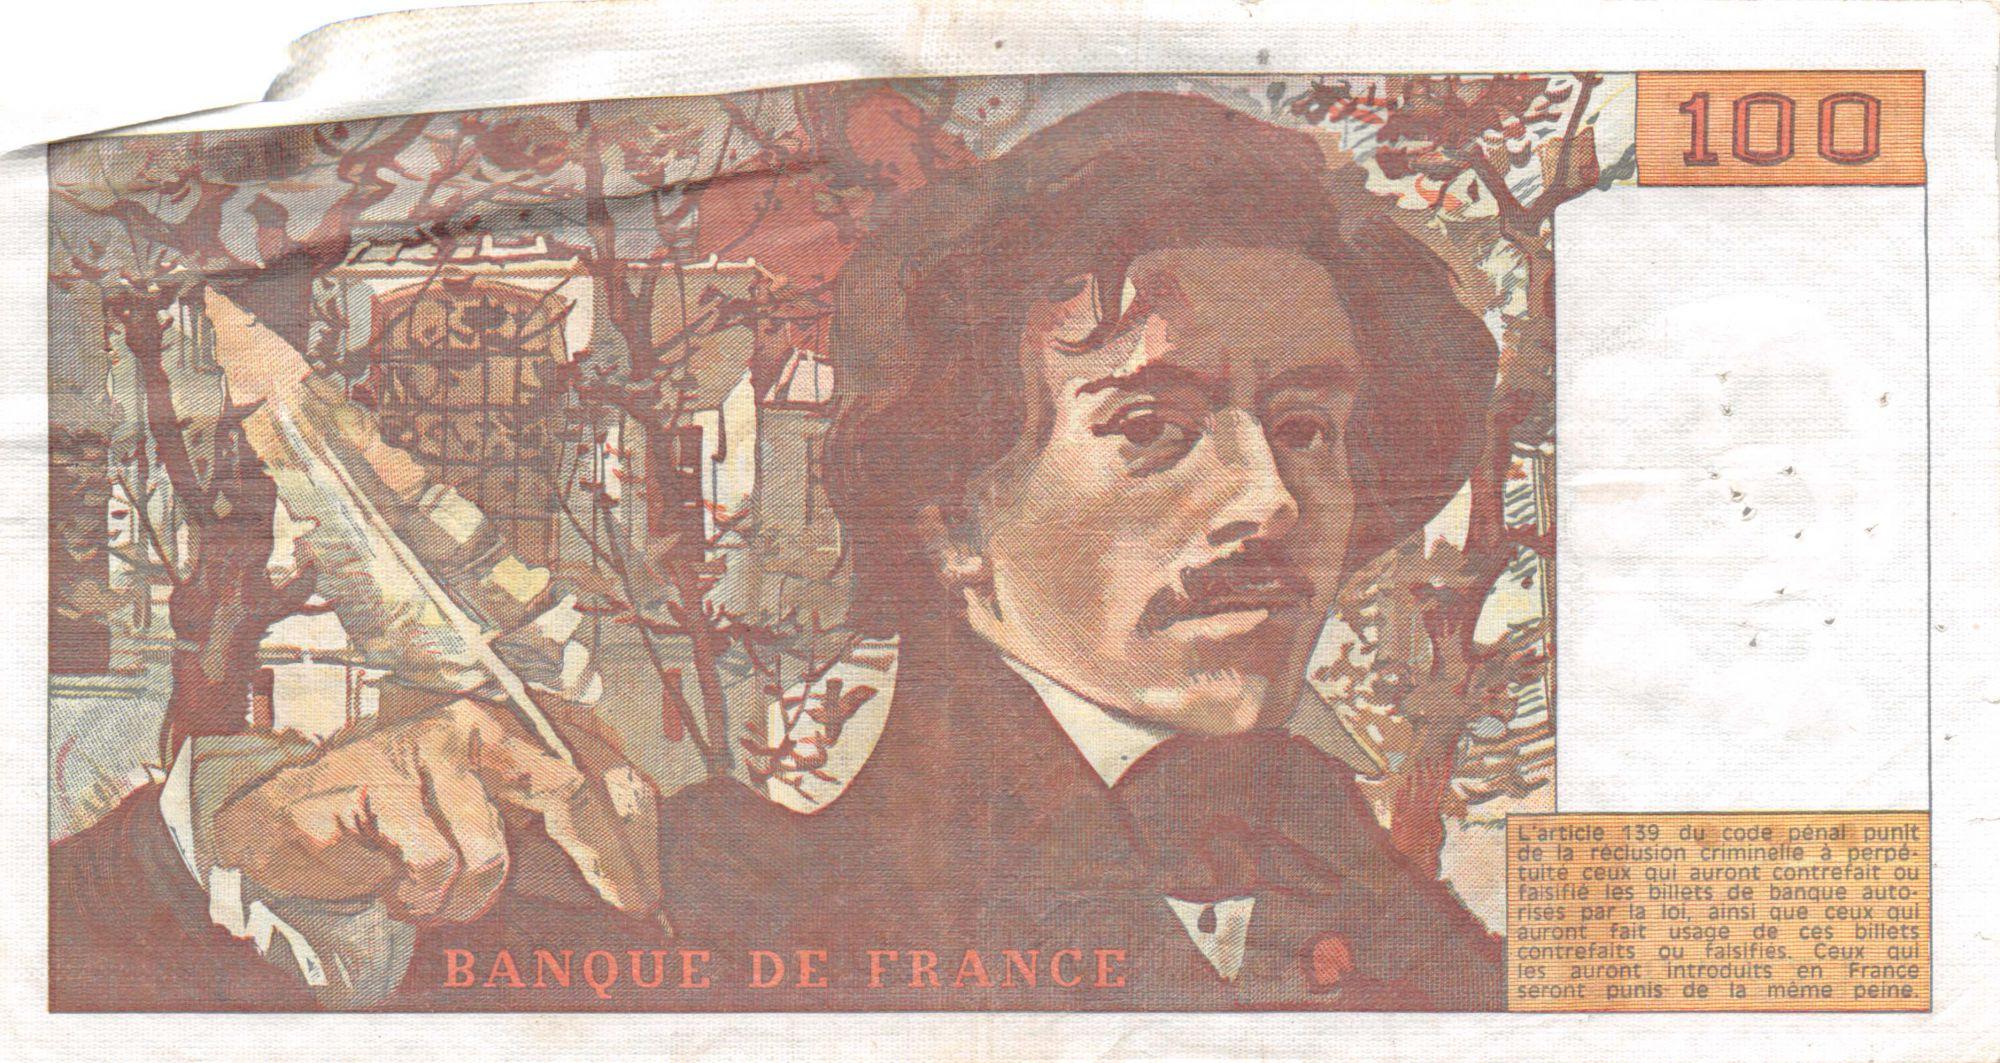 France 100 Francs Delacroix - 1978 Série H.4-947243 - Hachuré - TTB